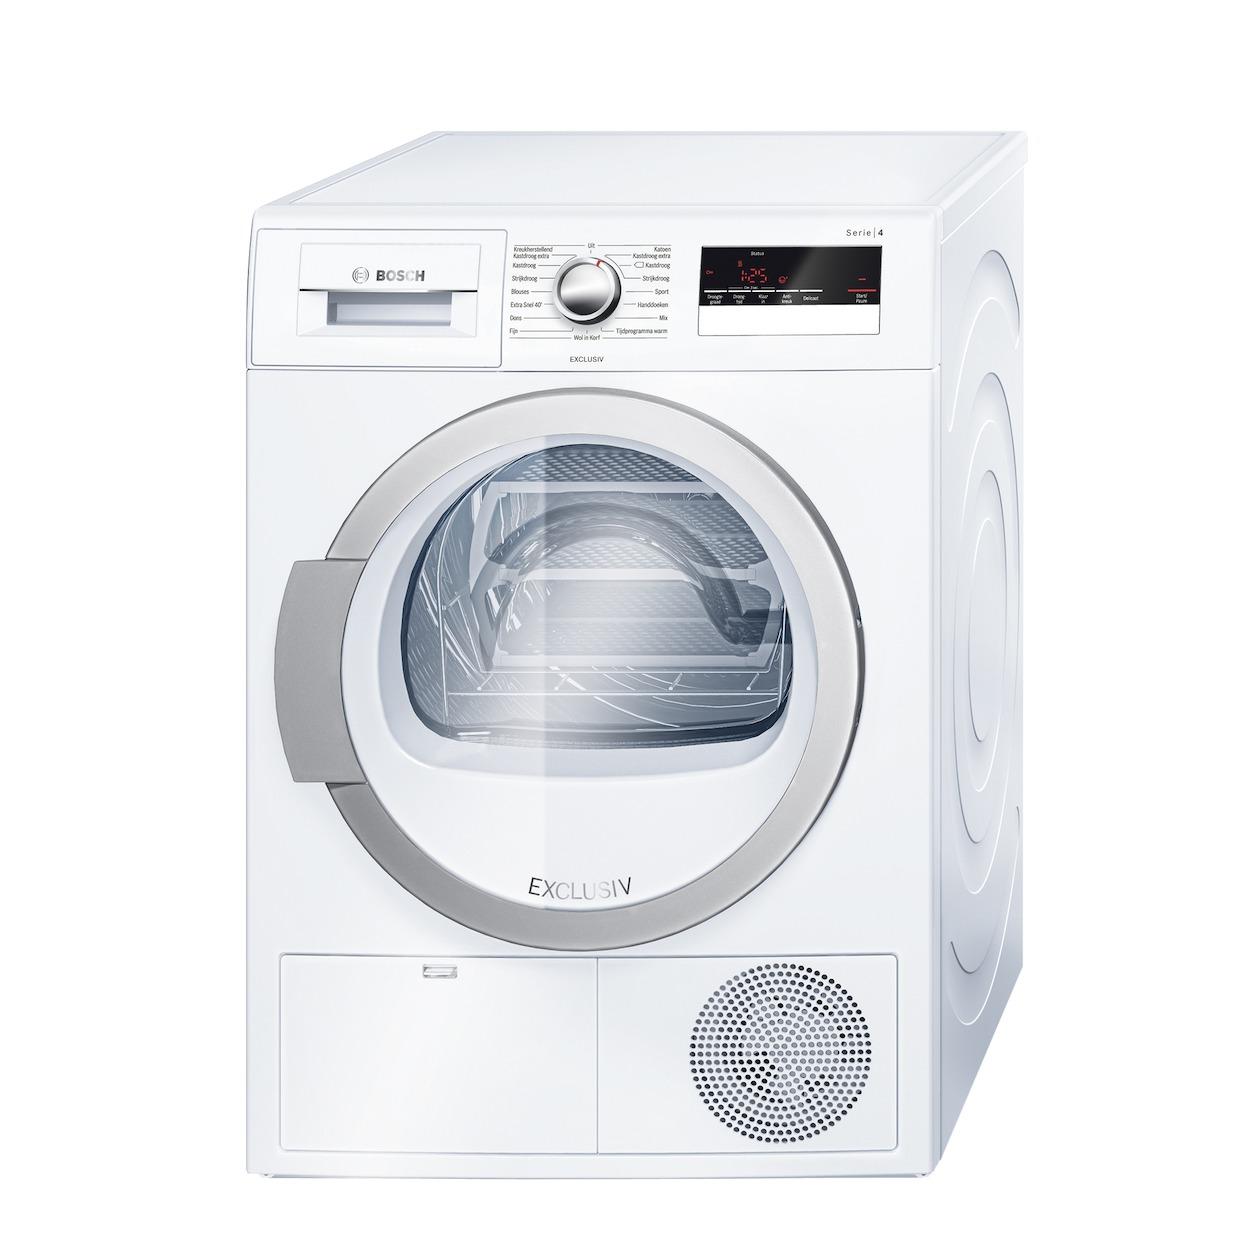 Dagaanbieding - Bosch-warmtepompdroger-WTH85281NL dagelijkse koopjes